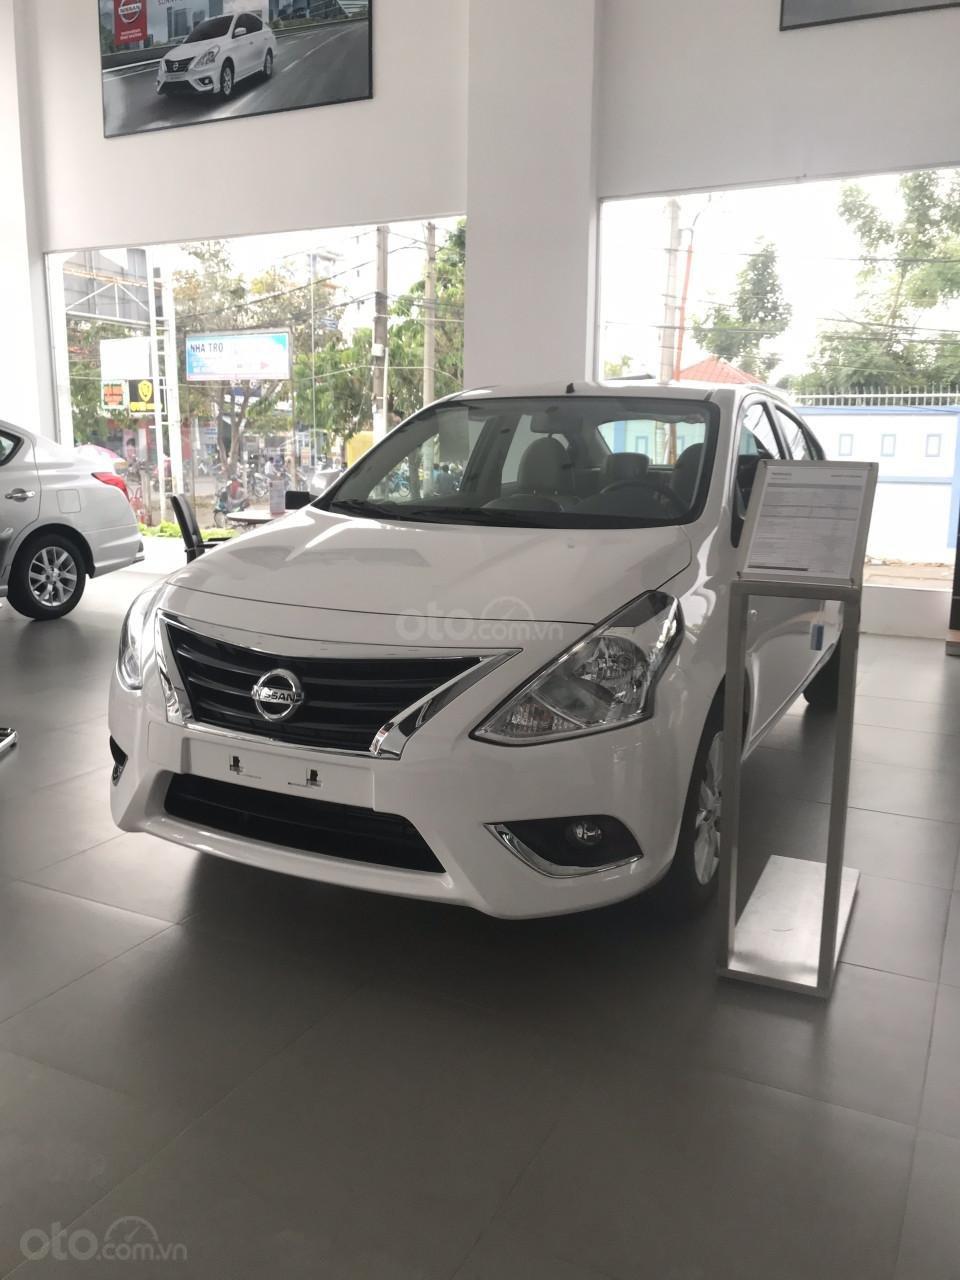 Bán Nissan Sunny XL 2019, màu trắng, giá 428tr-3